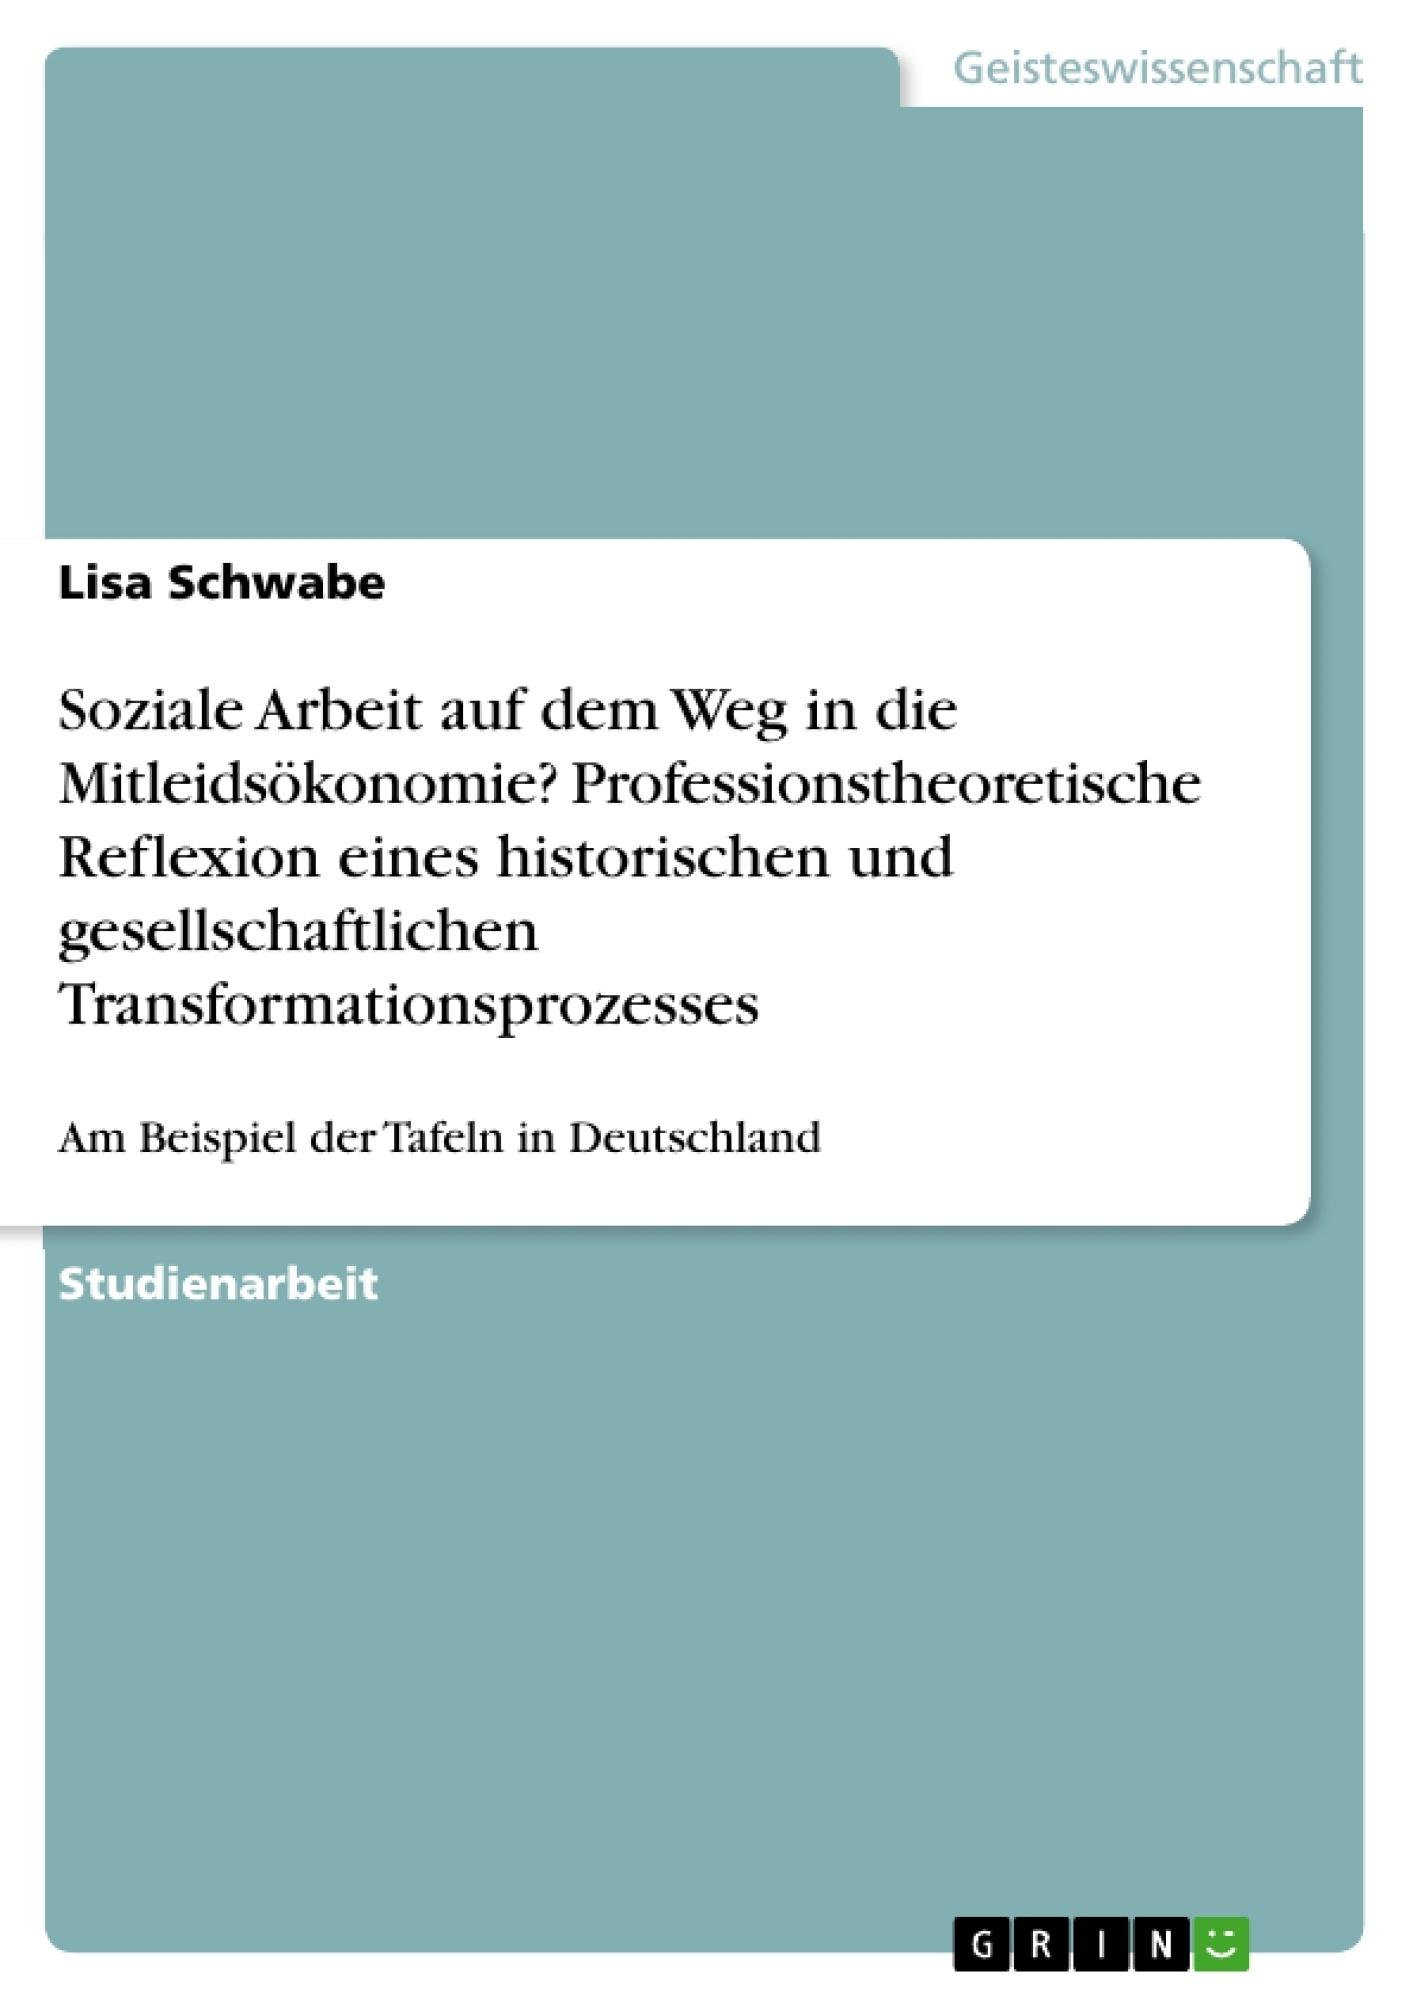 Titel: Soziale Arbeit auf dem Weg in die Mitleidsökonomie? Professionstheoretische Reflexion eines historischen und gesellschaftlichen Transformationsprozesses